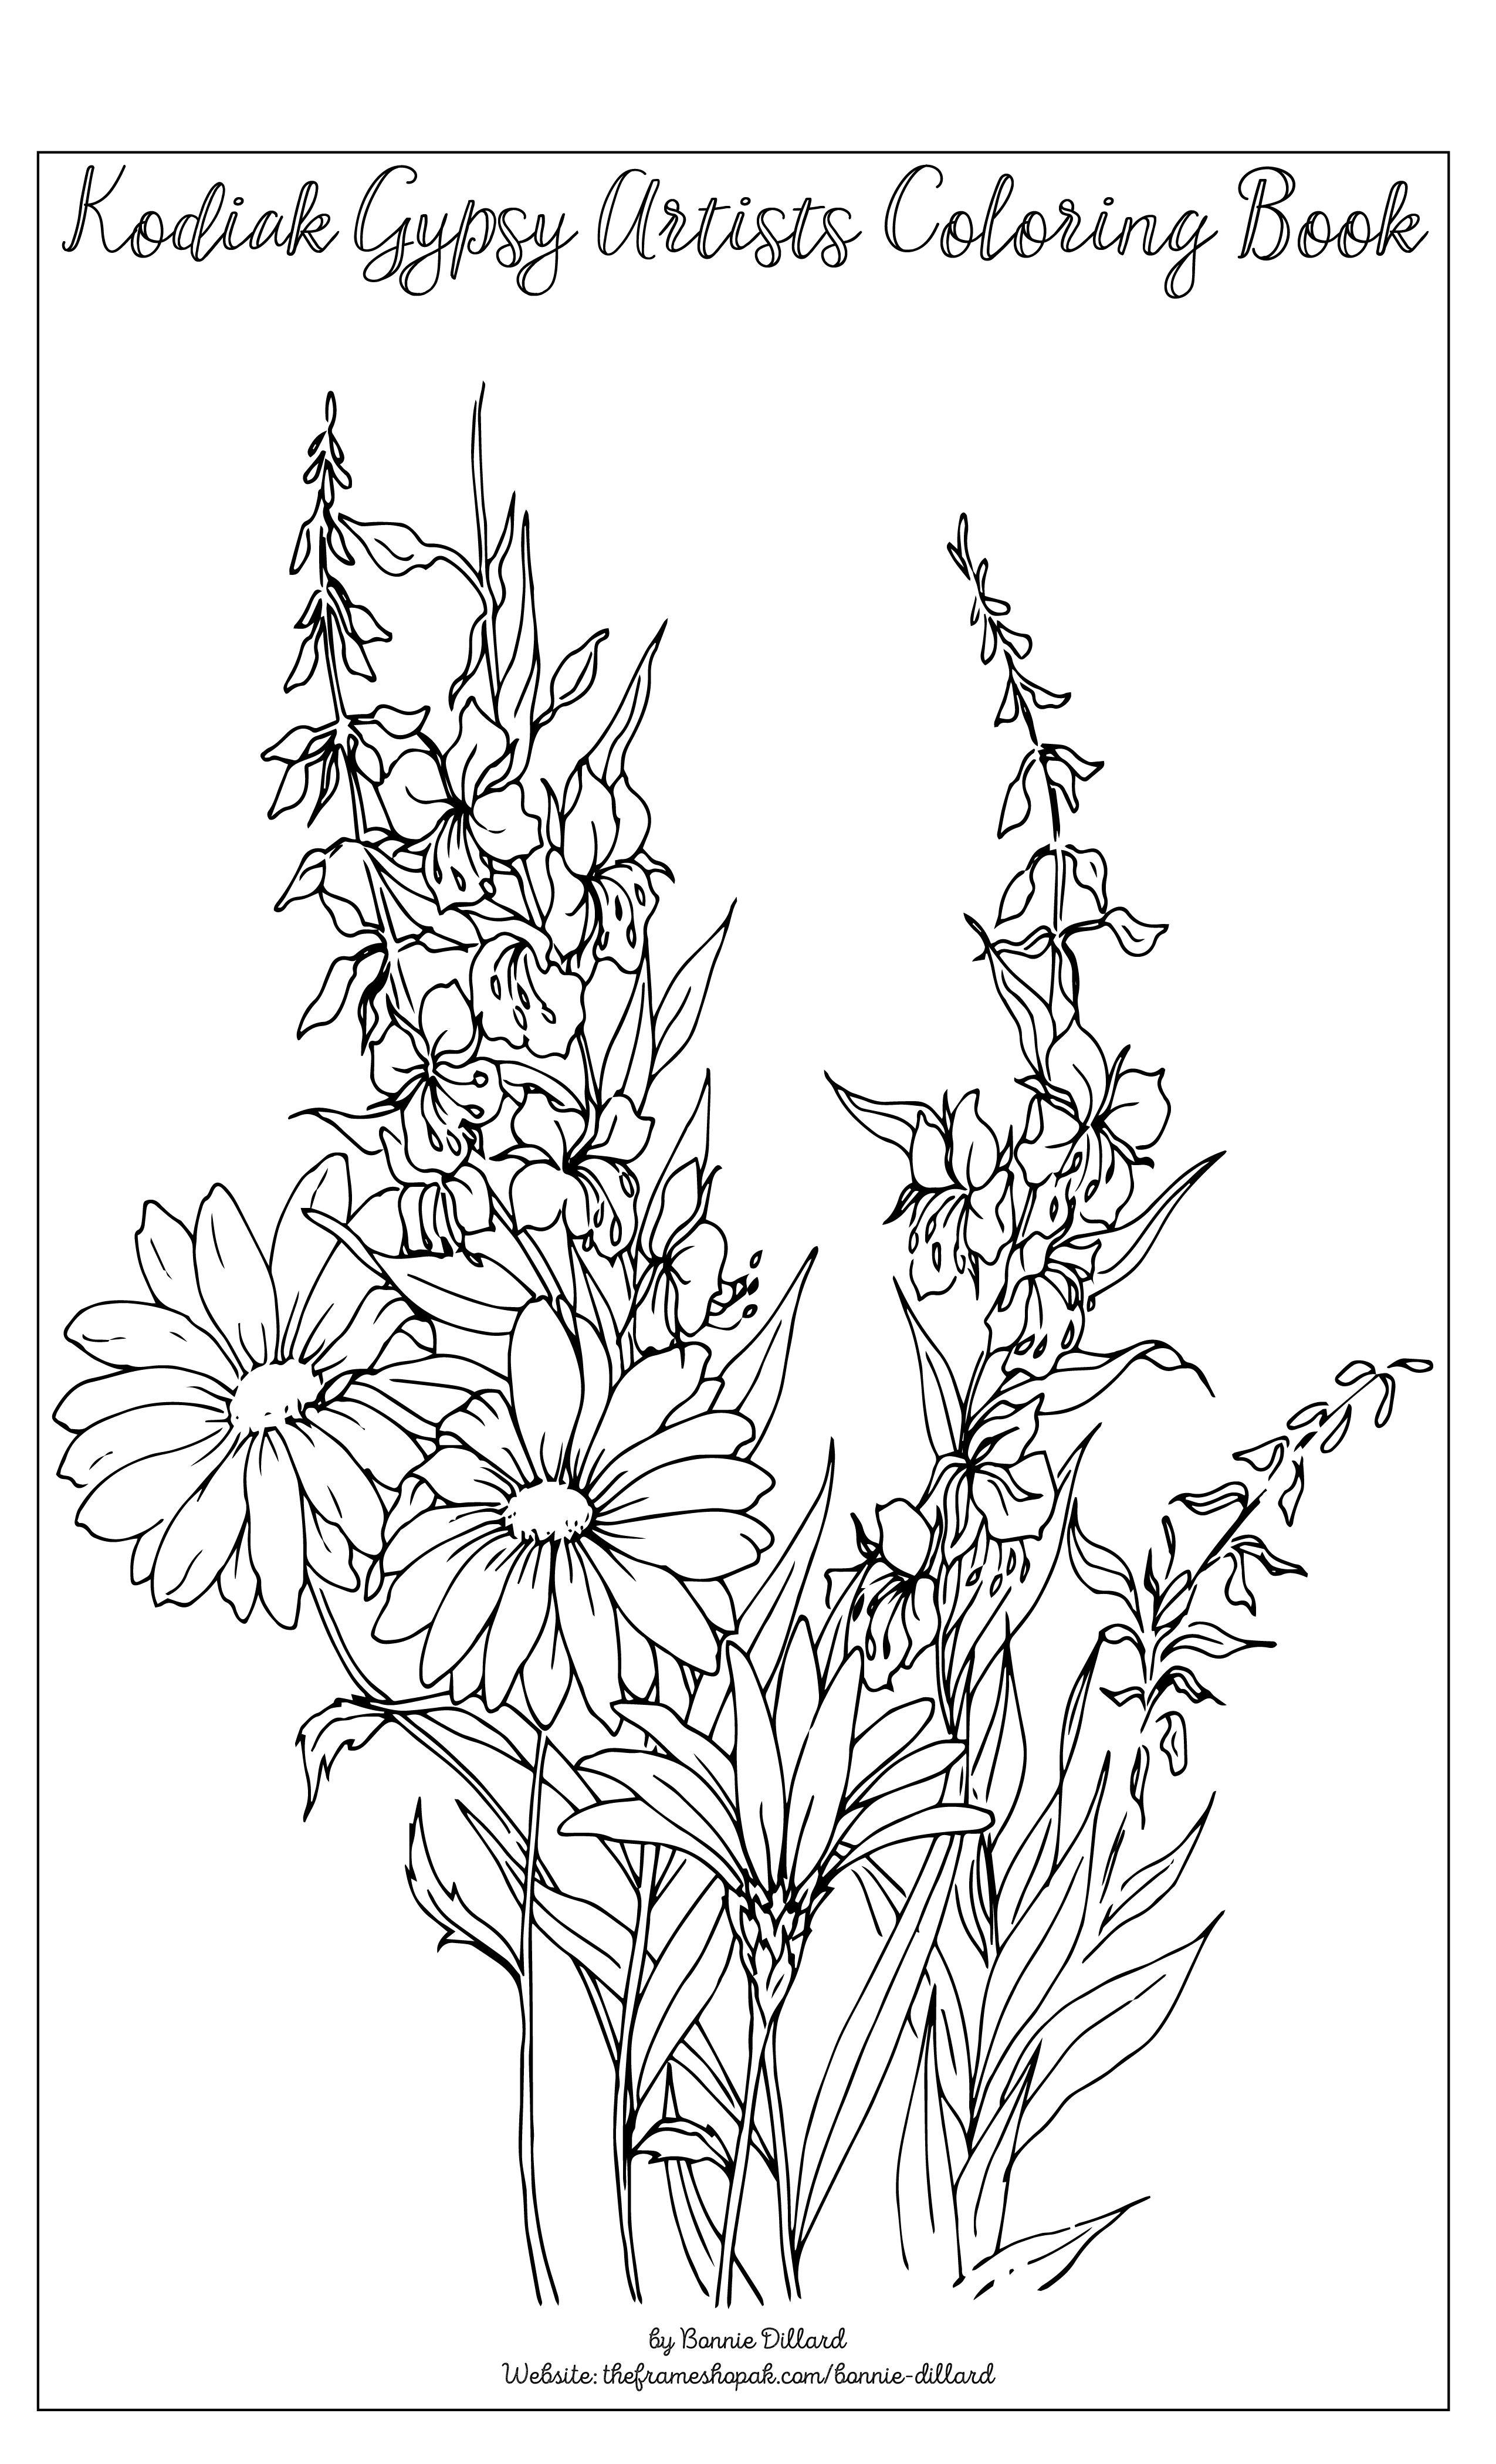 Bonnie Dillard Kodiak Bouquet